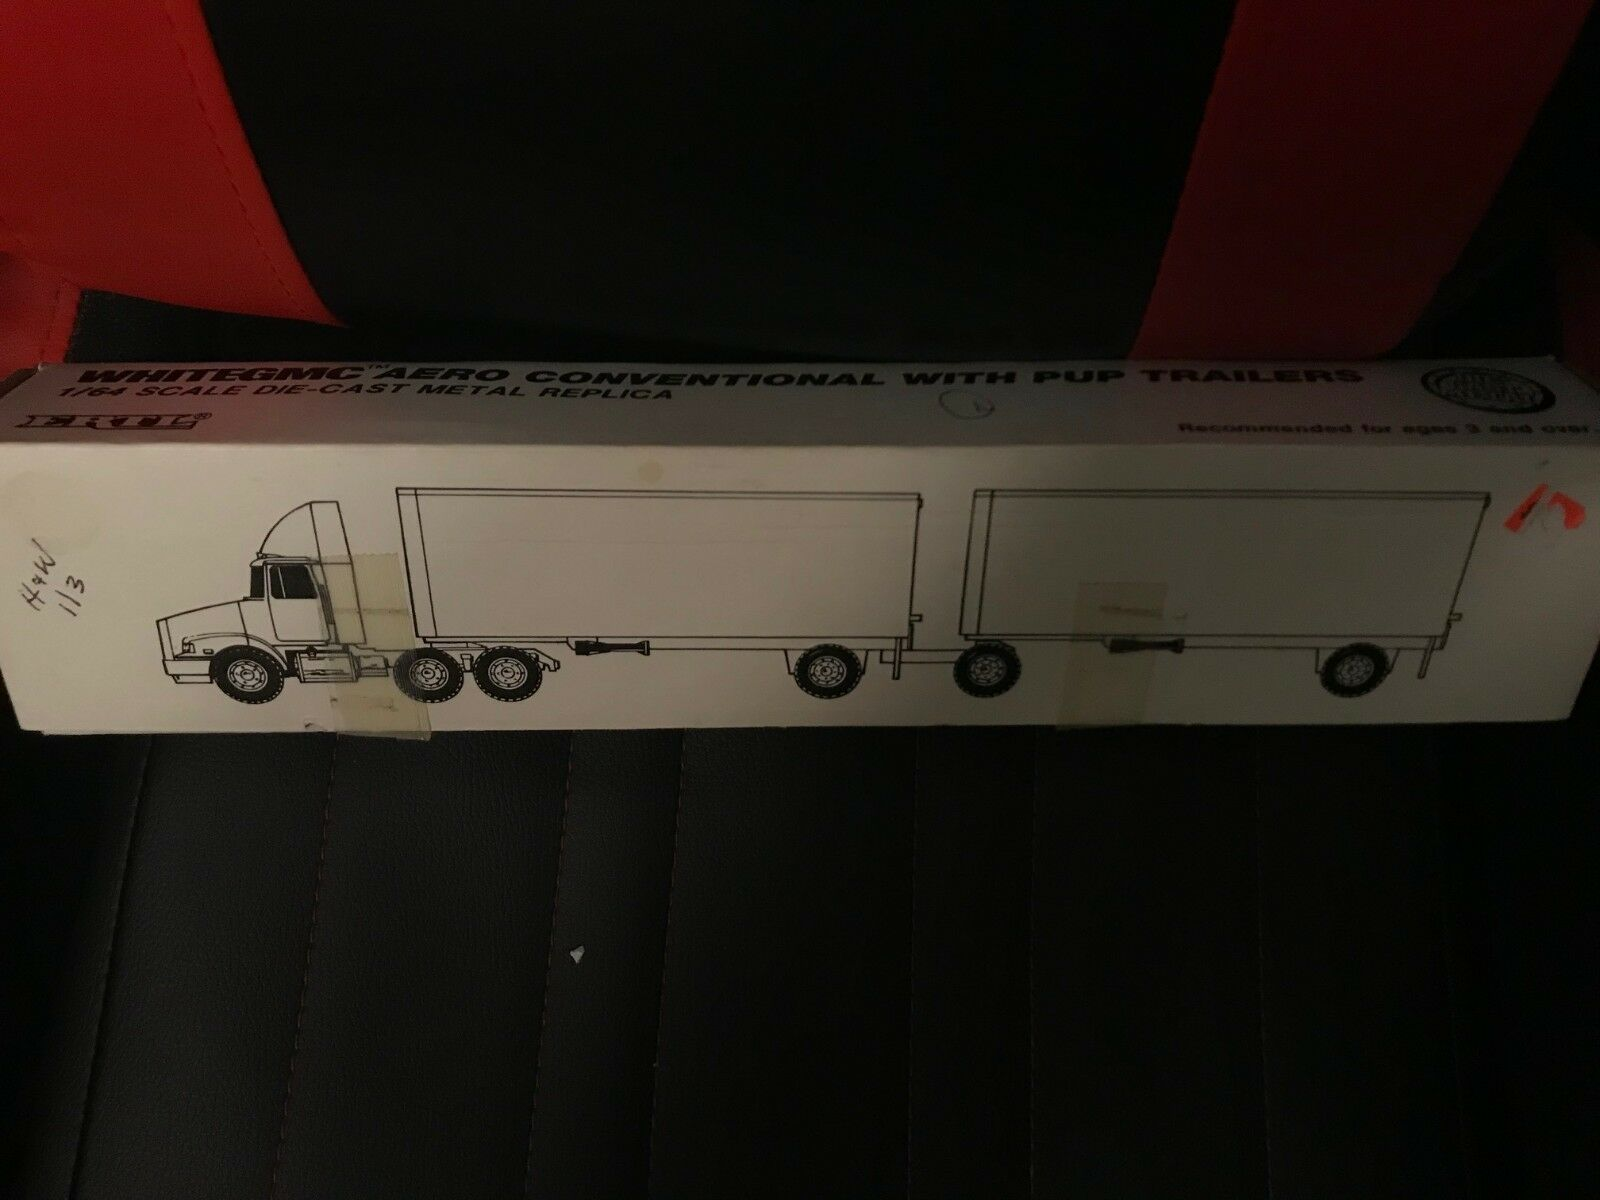 precios mas bajos H & W Ertl blancoo semi semi semi camión GMC Aero convencional con remolques de las crías 1 64 H&W  precios mas baratos